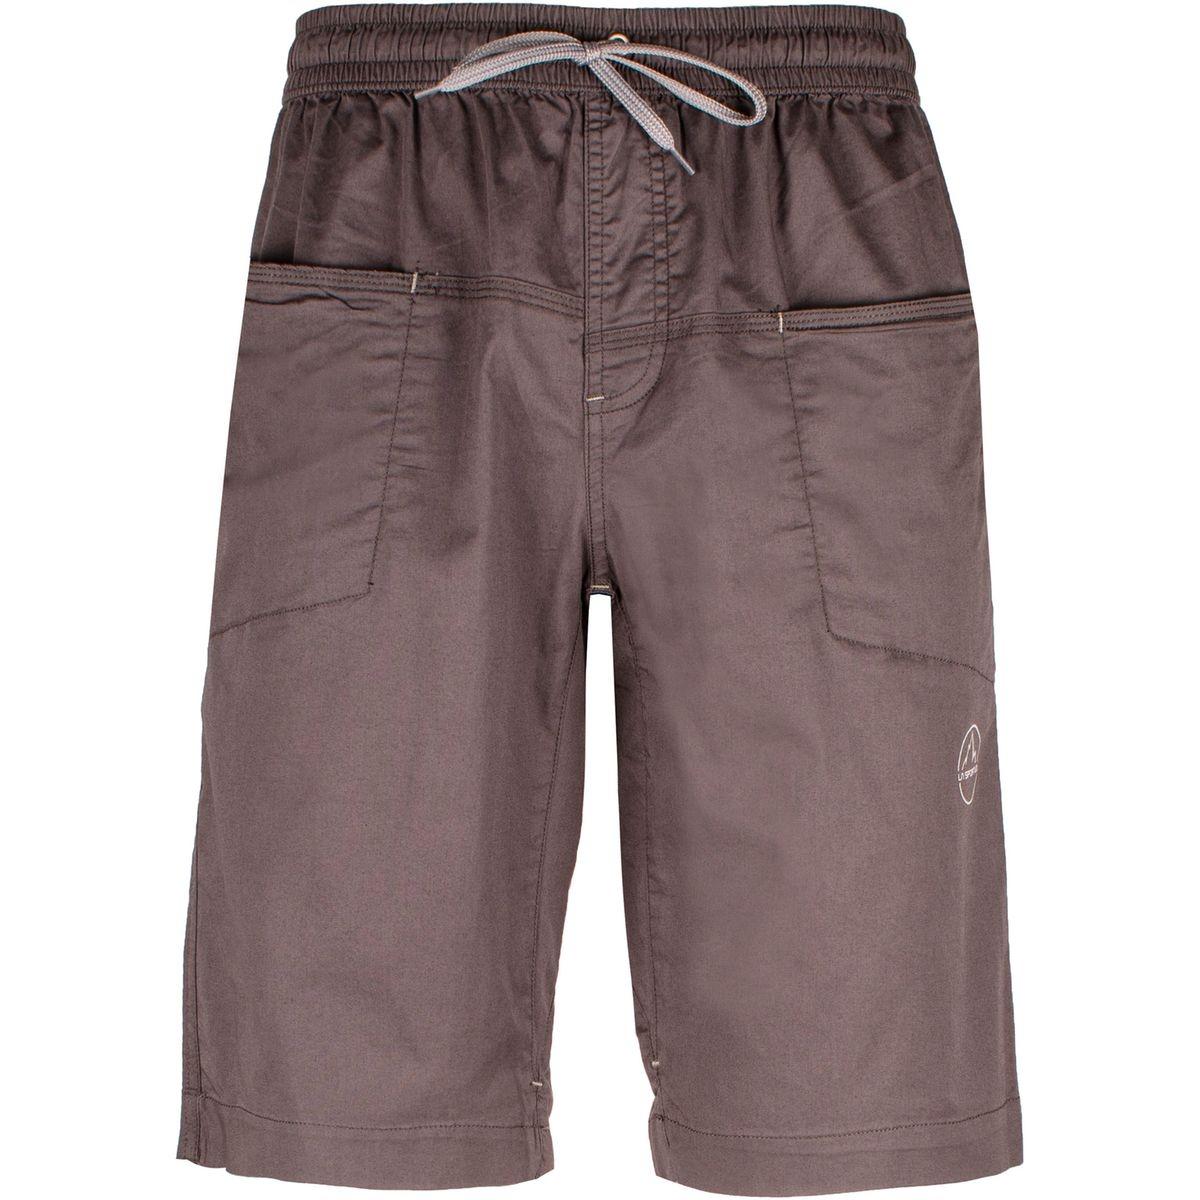 Levanto - Shorts Homme - gris